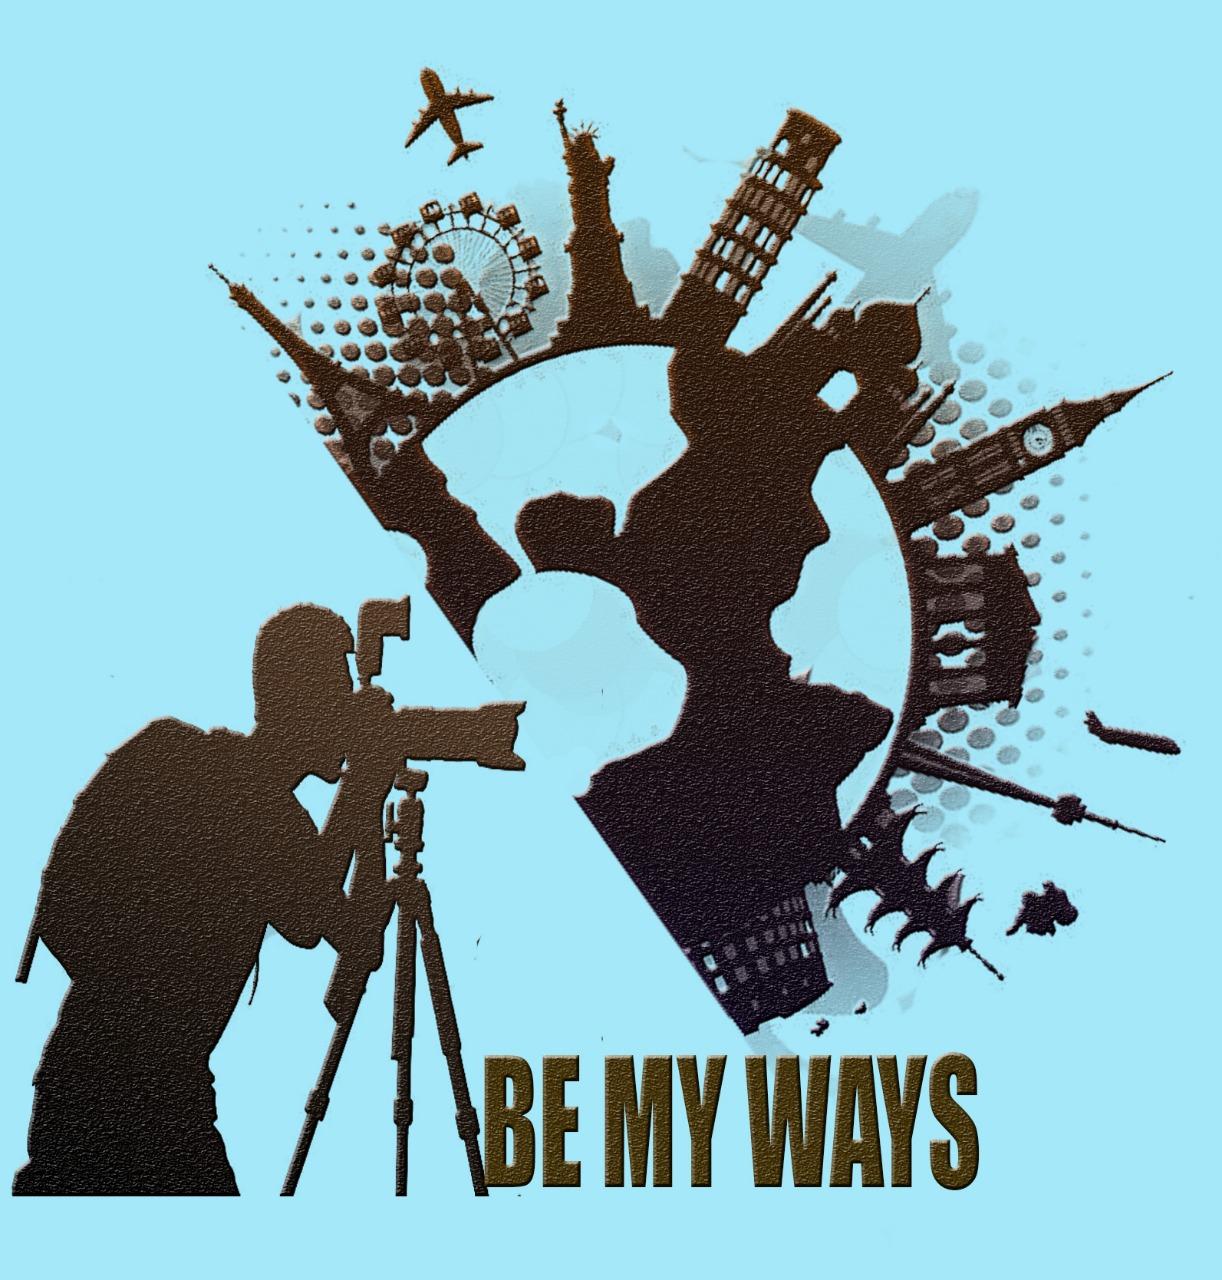 Разработка логотипа и иконки для Travel Video Platform фото f_0995c3646c960145.jpg